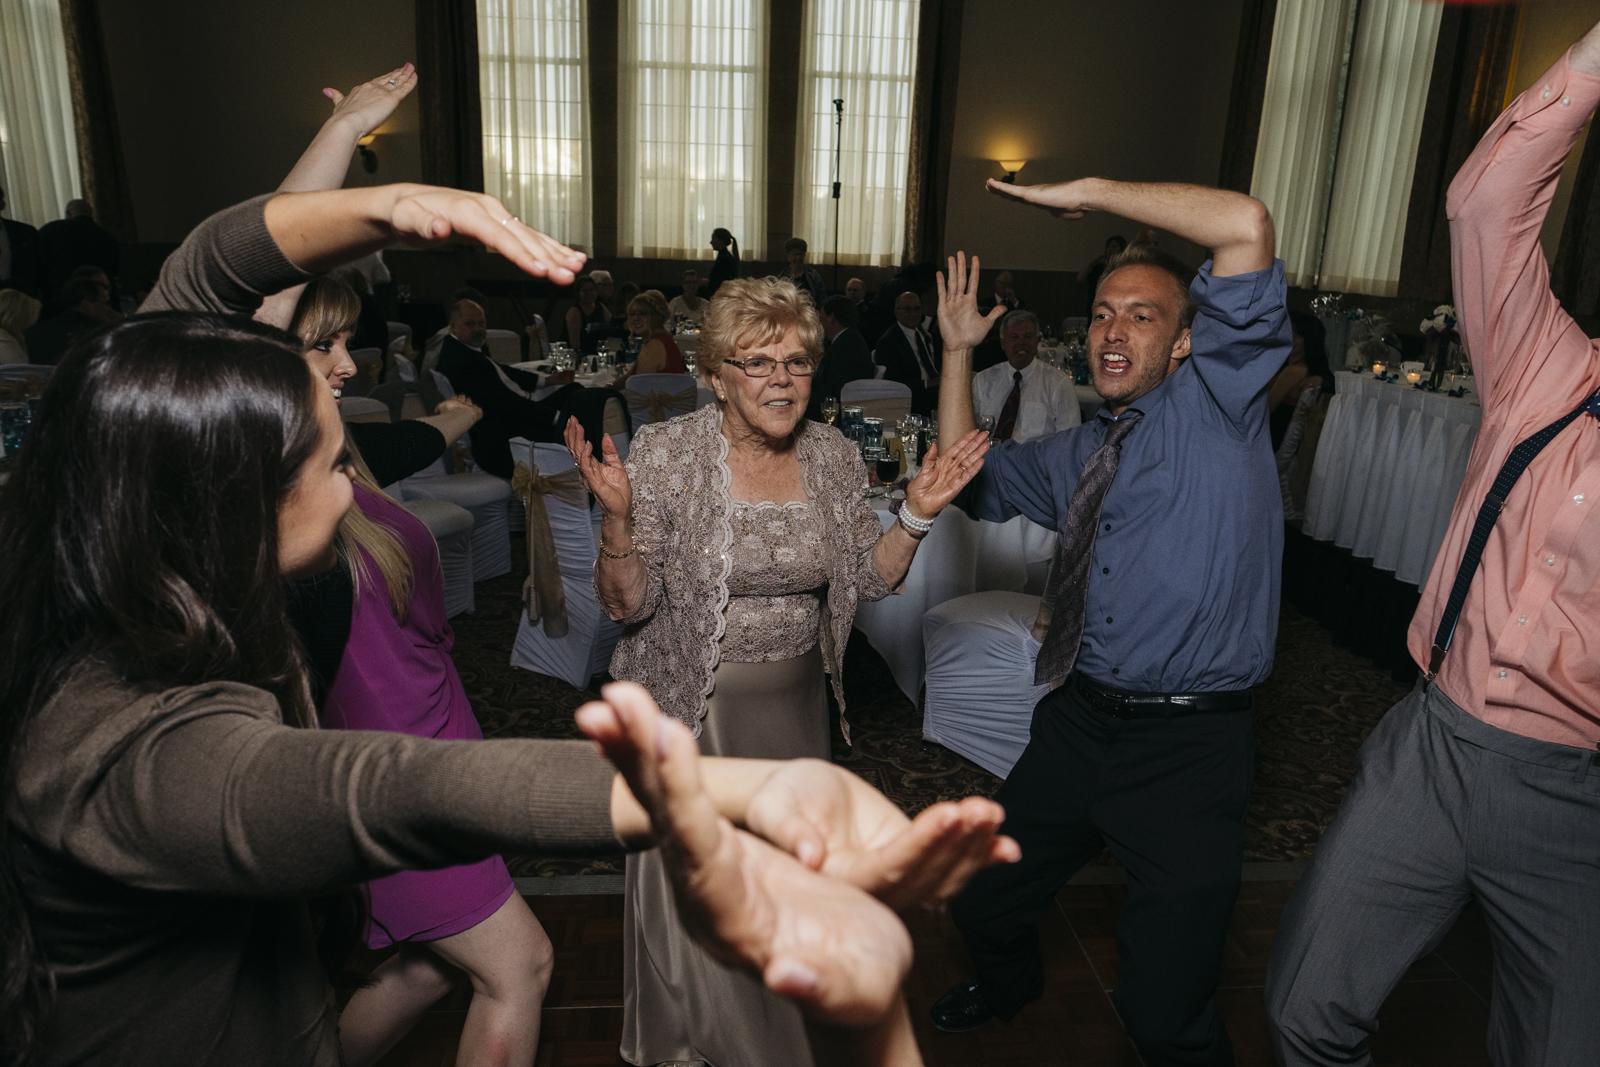 Dancing at wedding reception at The Inn at St. John's.